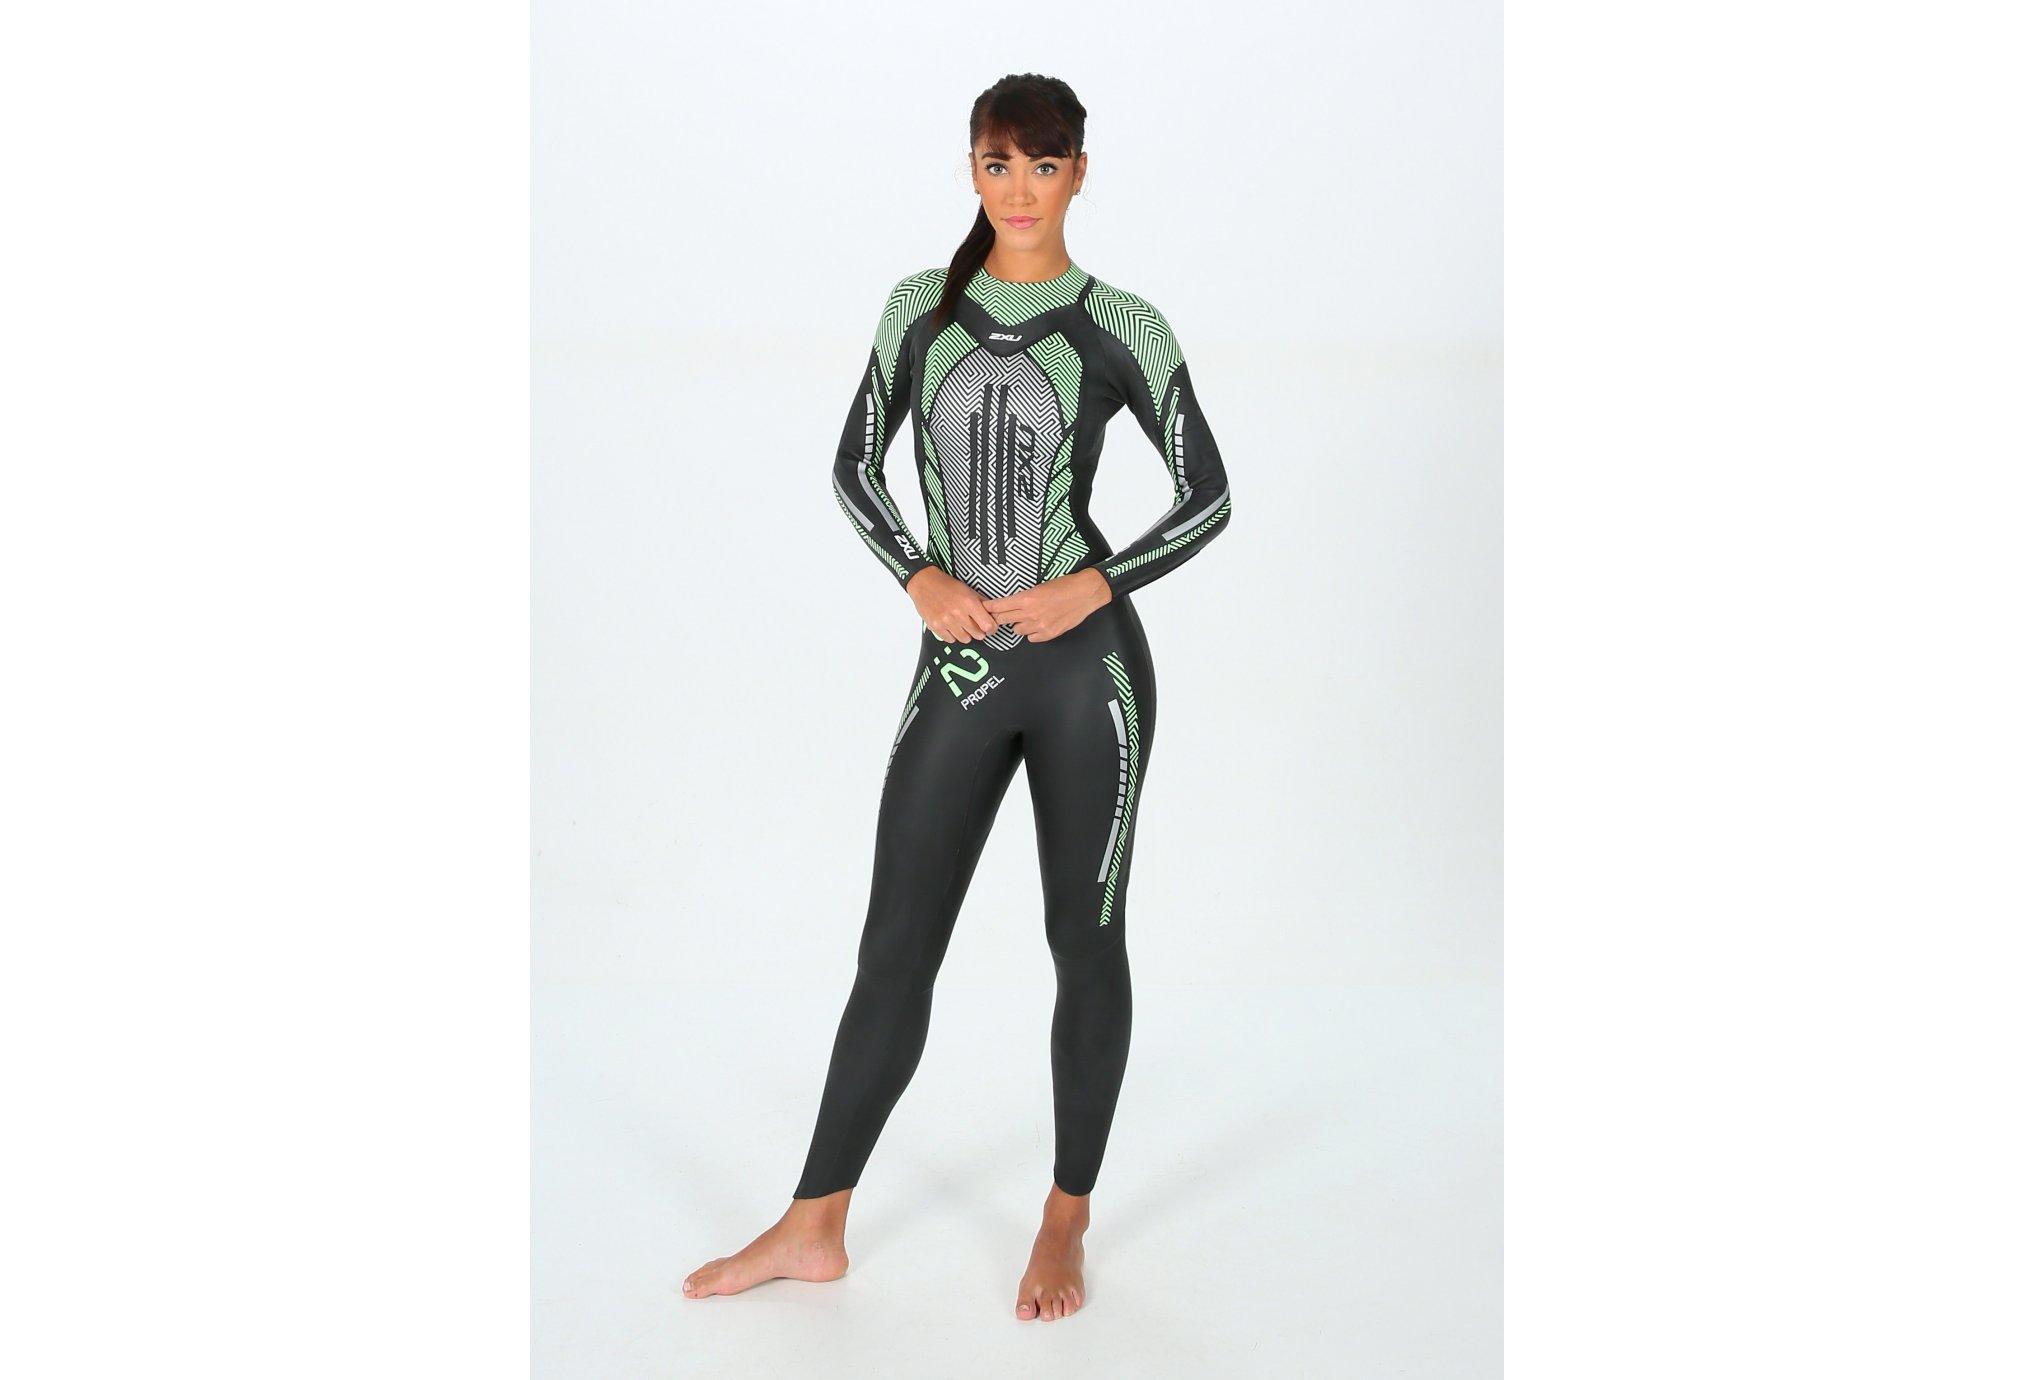 2XU P:2 Propel Wetsuit W vêtement running femme